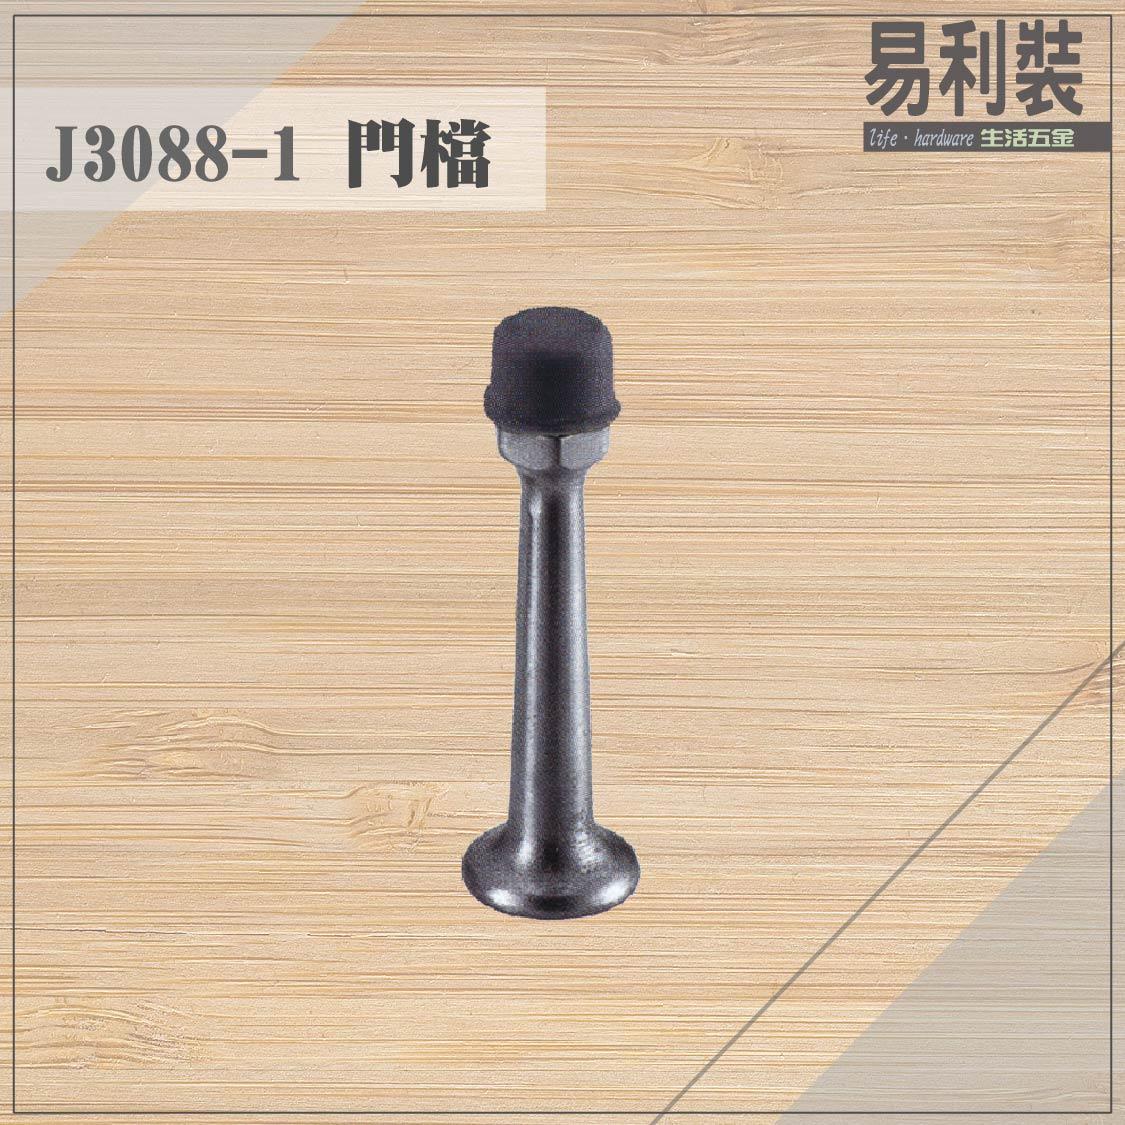 【 EASYCAN  】J3088-1 不鏽鋼門檔 易利裝生活五金 浴室 廚房 房間 臥房 衣櫃 小資族 辦公家具 系統家具